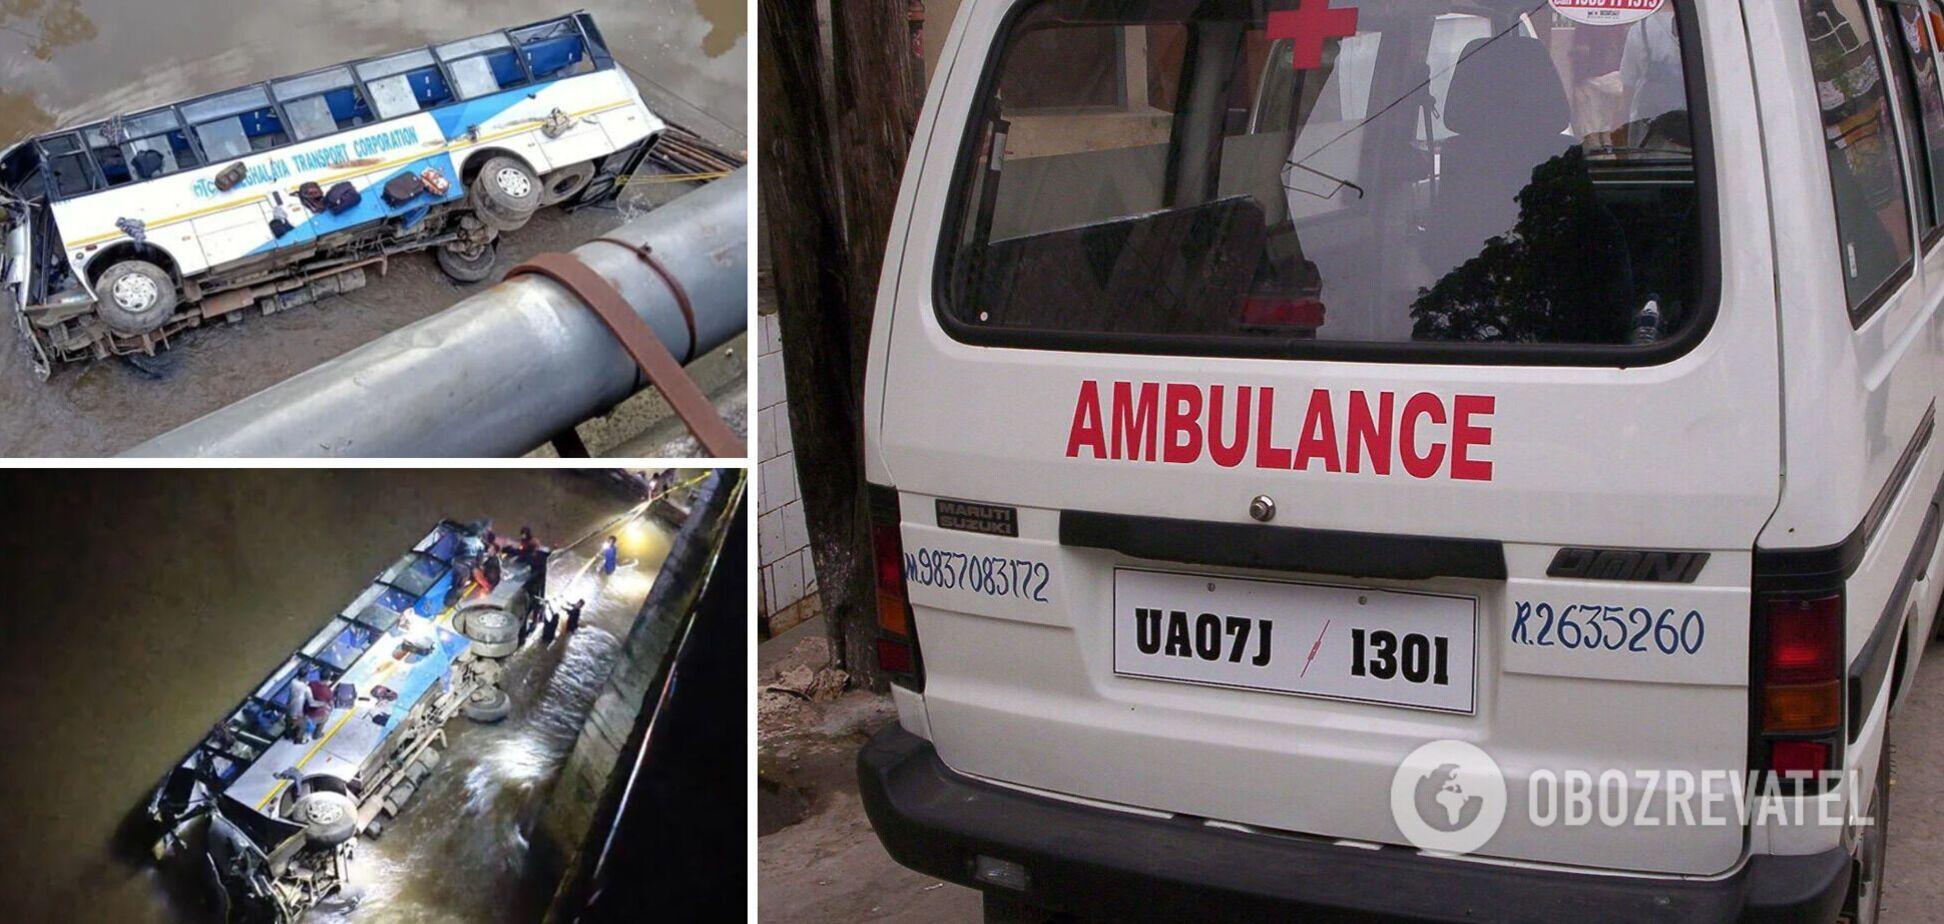 В Индии автобус с пассажирами упал в реку, есть погибшие и много пострадавших. Фото и видео